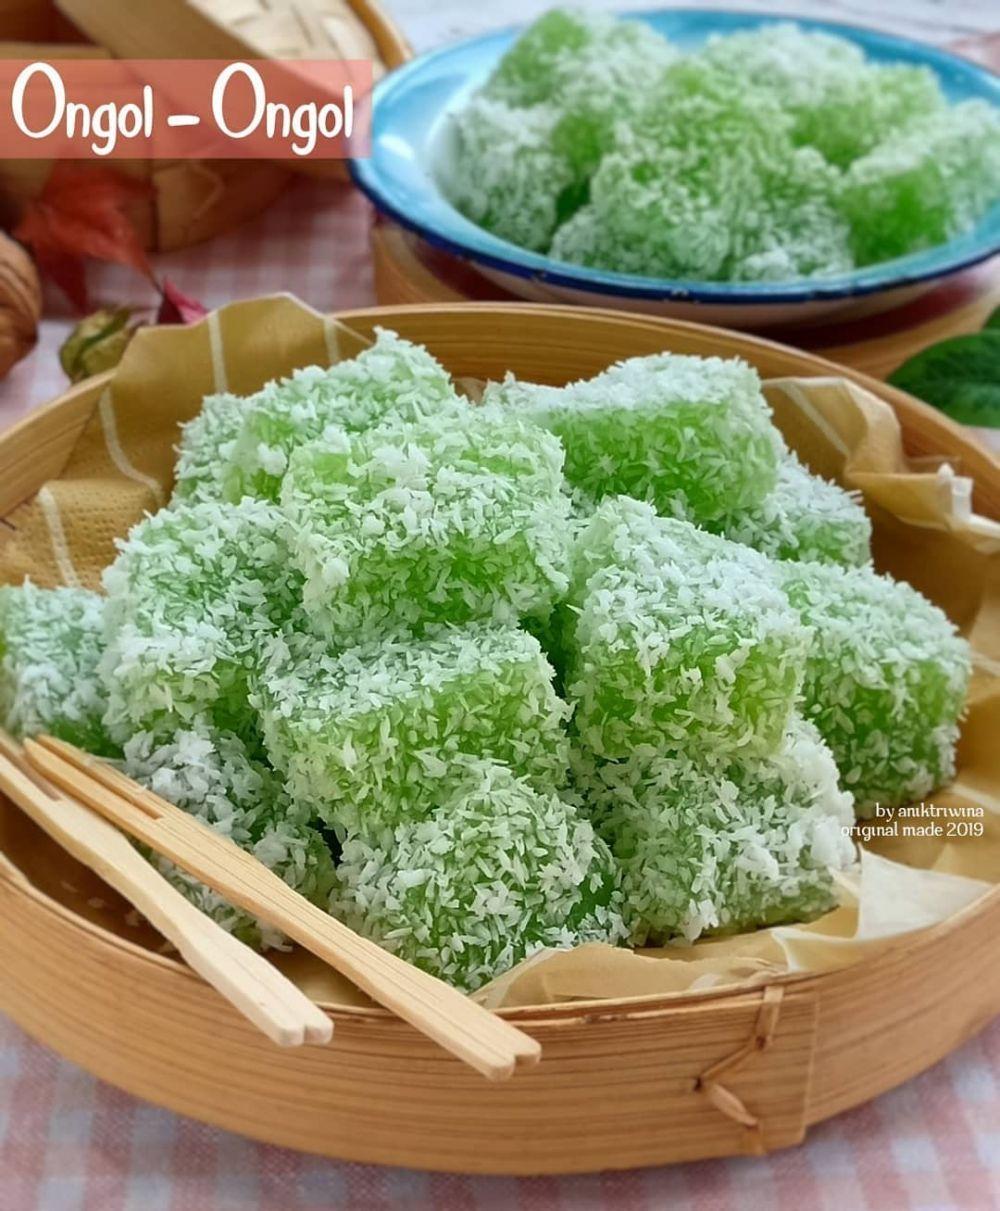 Resep Ongol Ongol C 2020 Berbagai Sumber Resep Makanan Ringan Manis Variasi Makanan